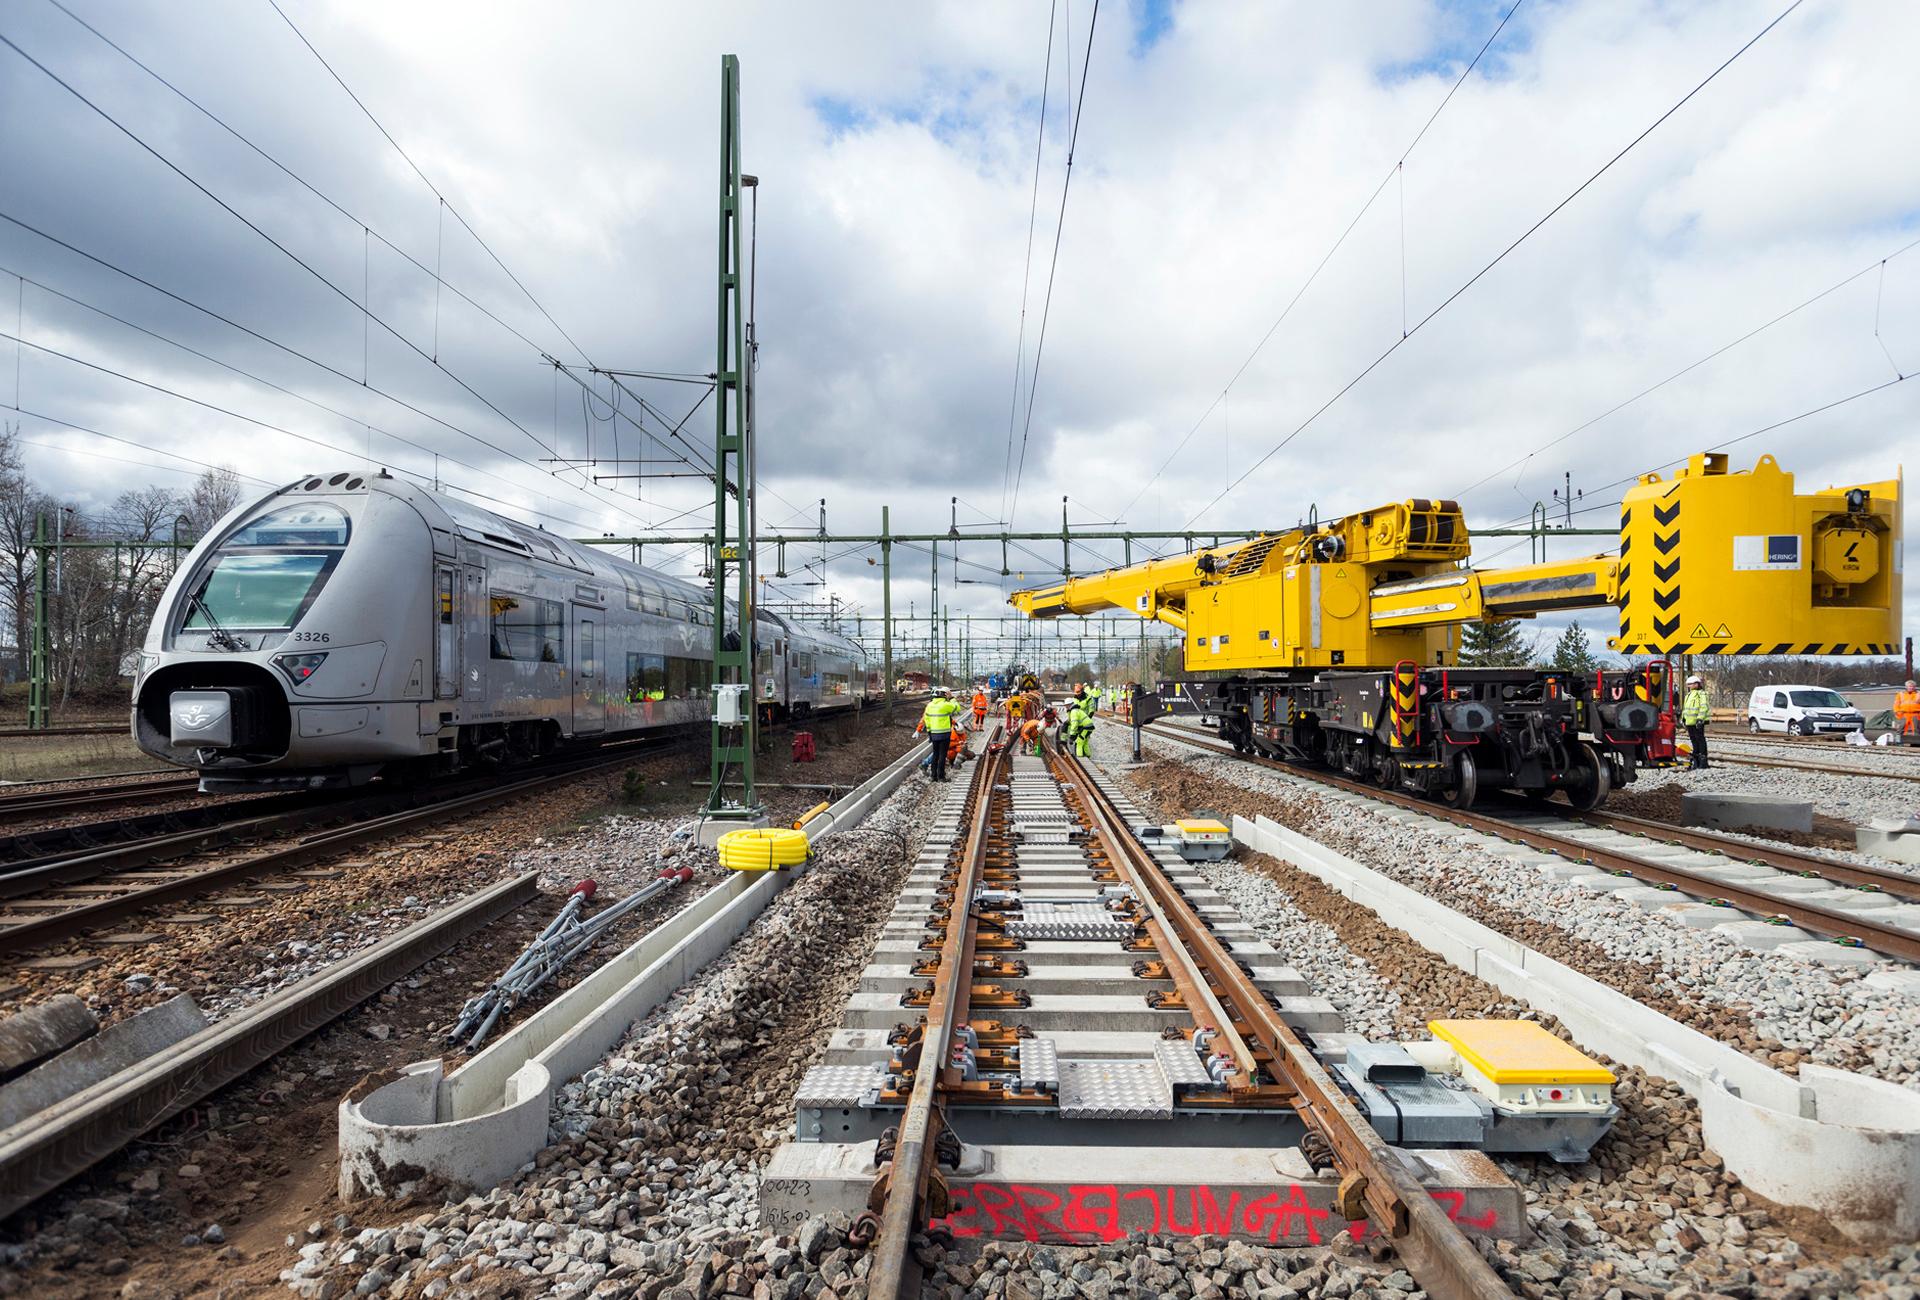 Plats för fler tåg på stambanan